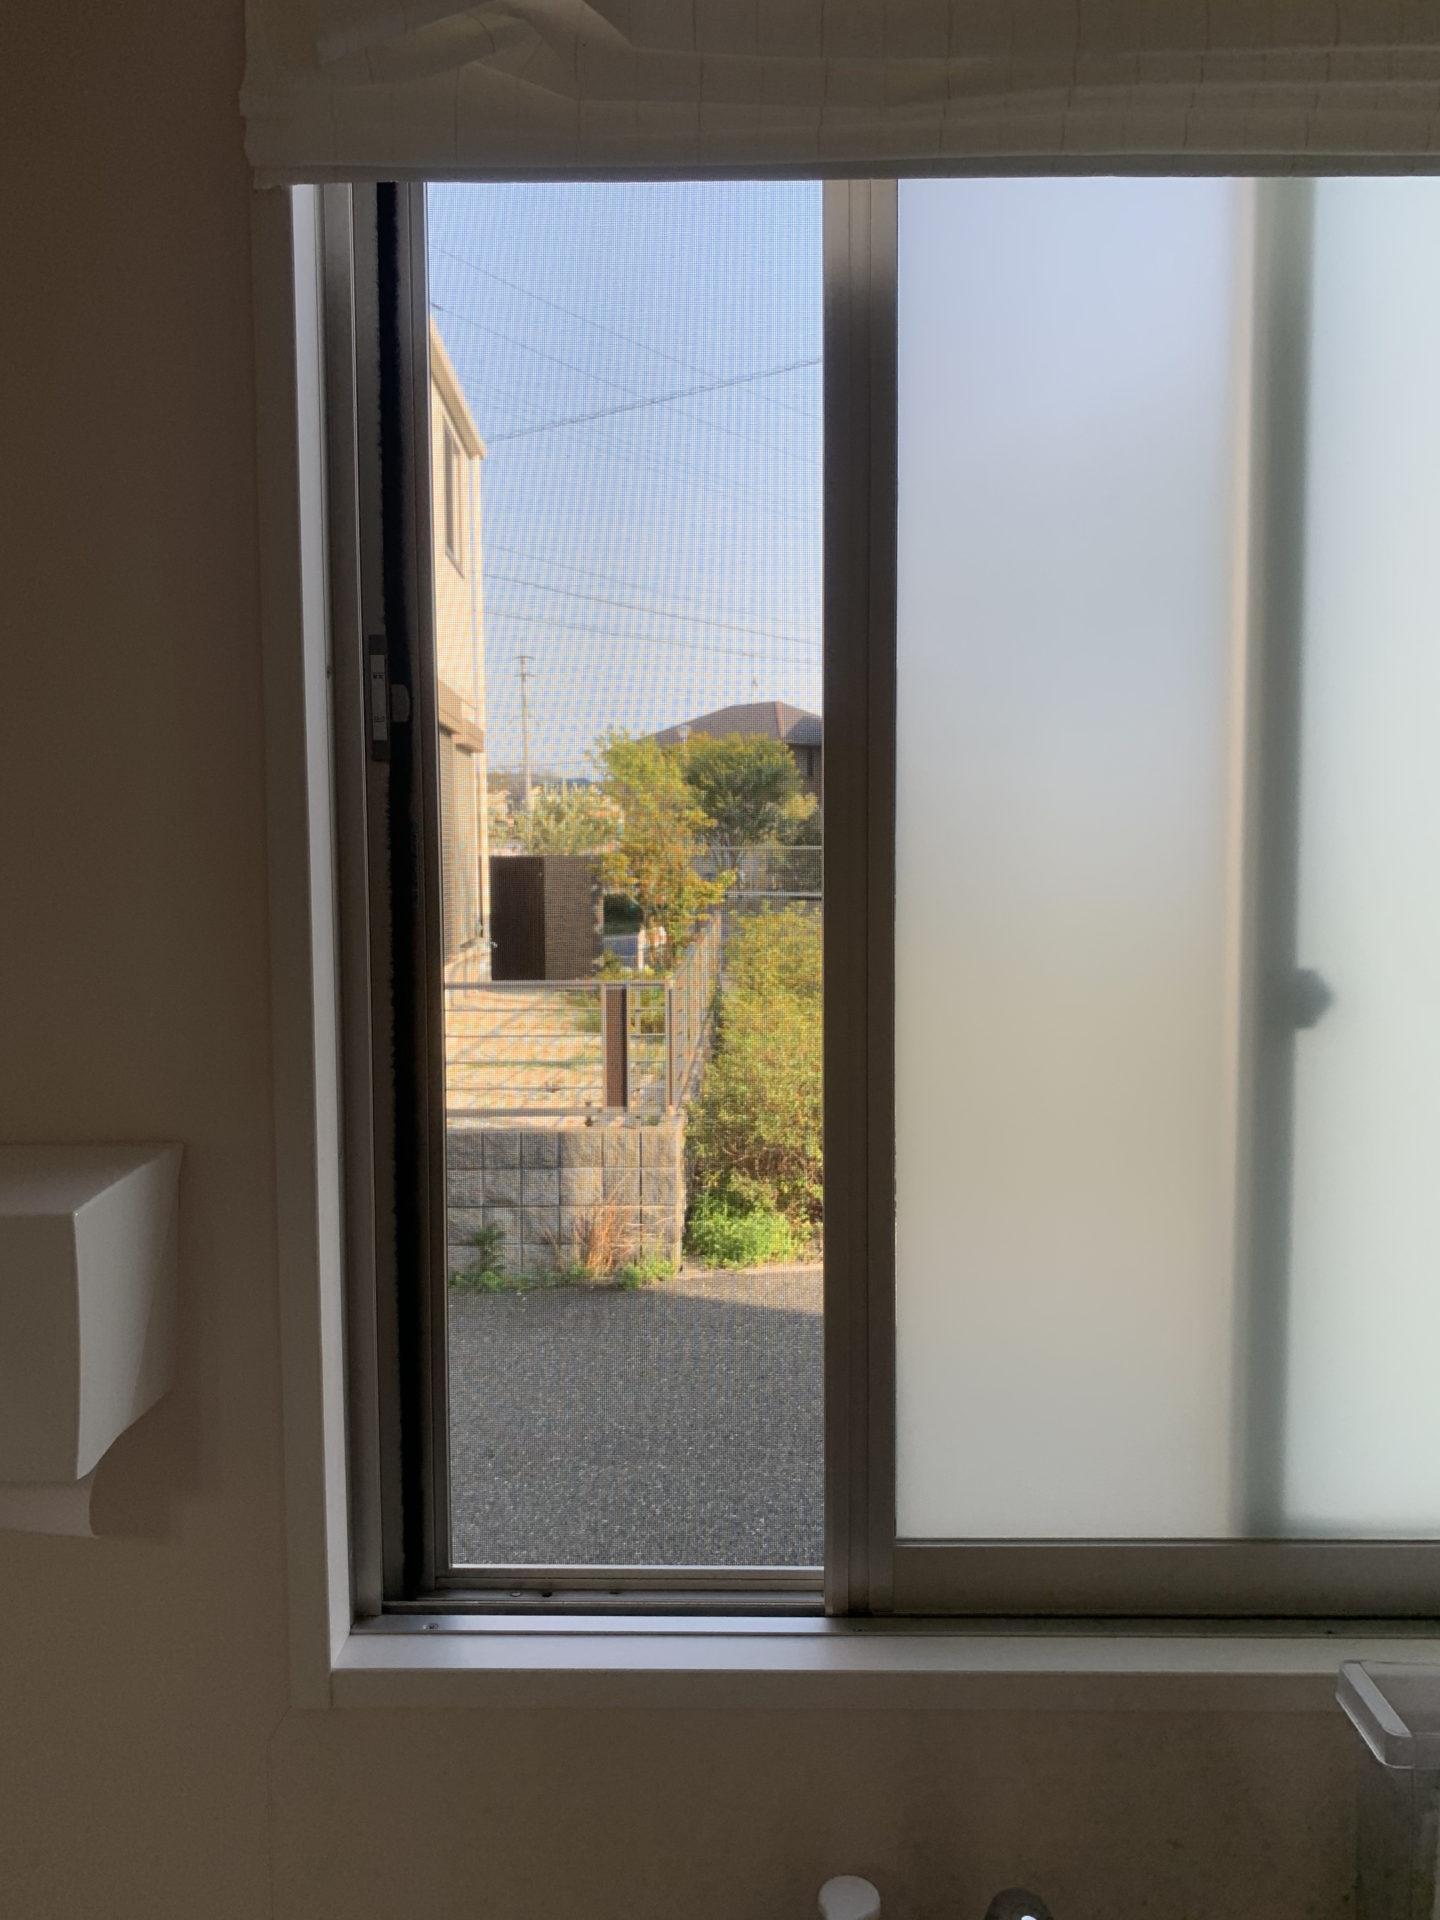 【画像】院内の窓